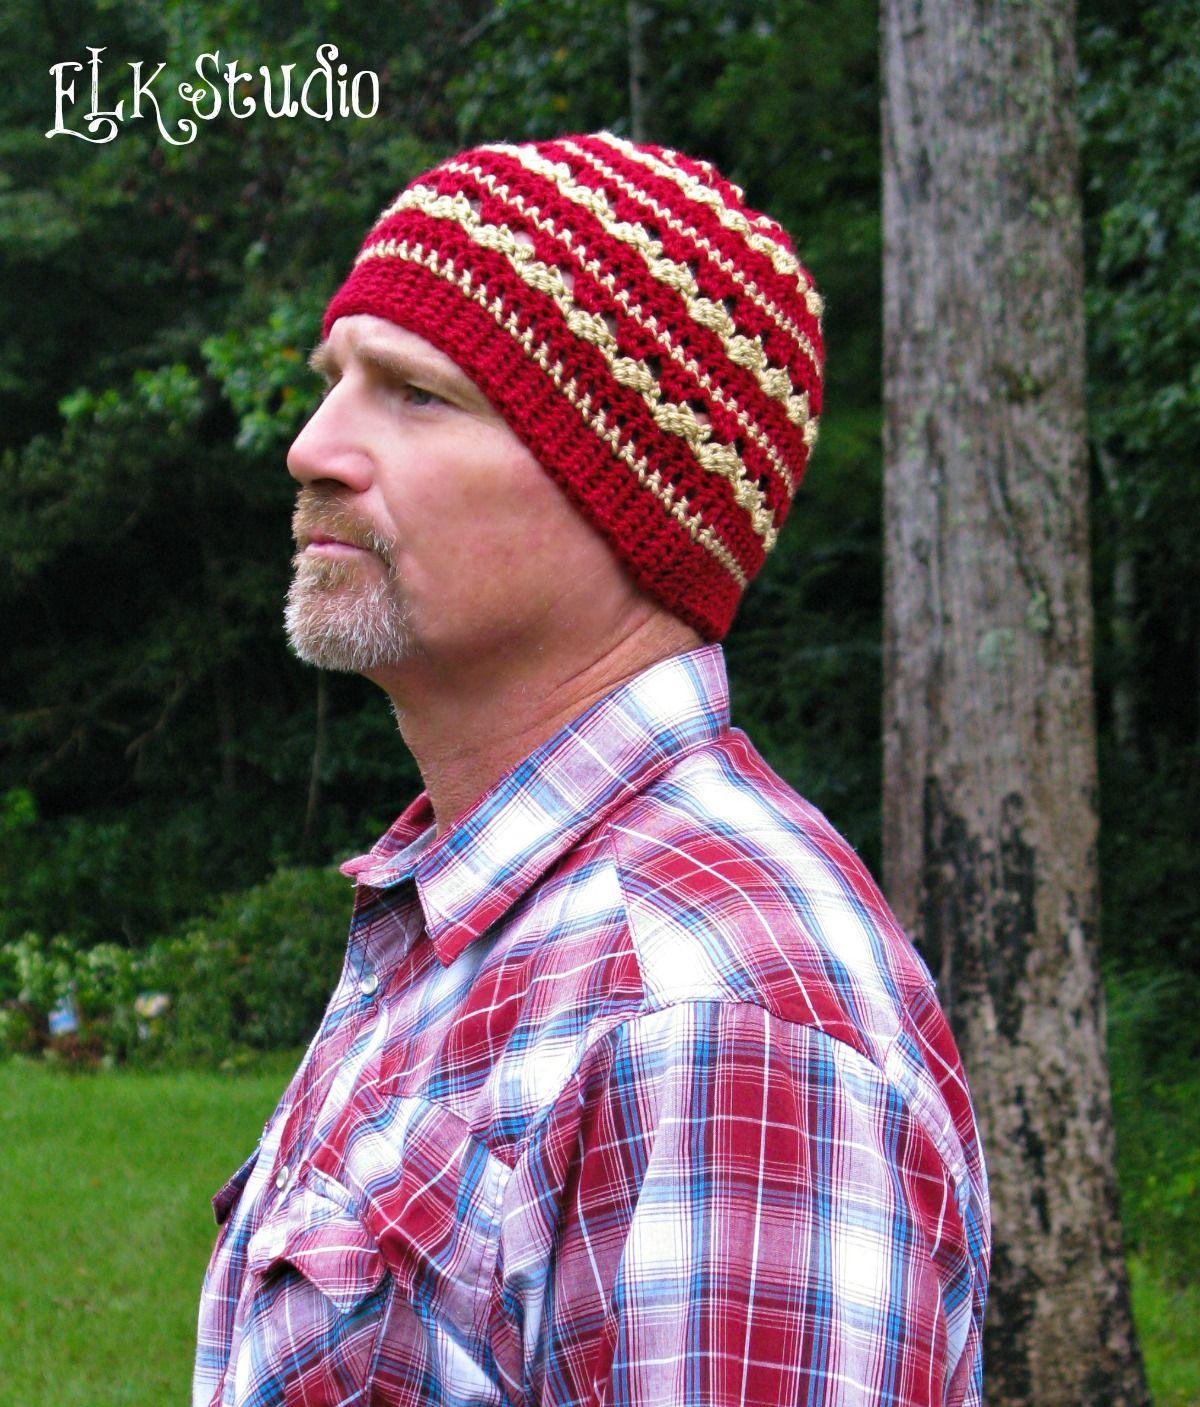 Autumn Dew - A Free Crochet Beanie Hat by ELK Studio | Crochet ...